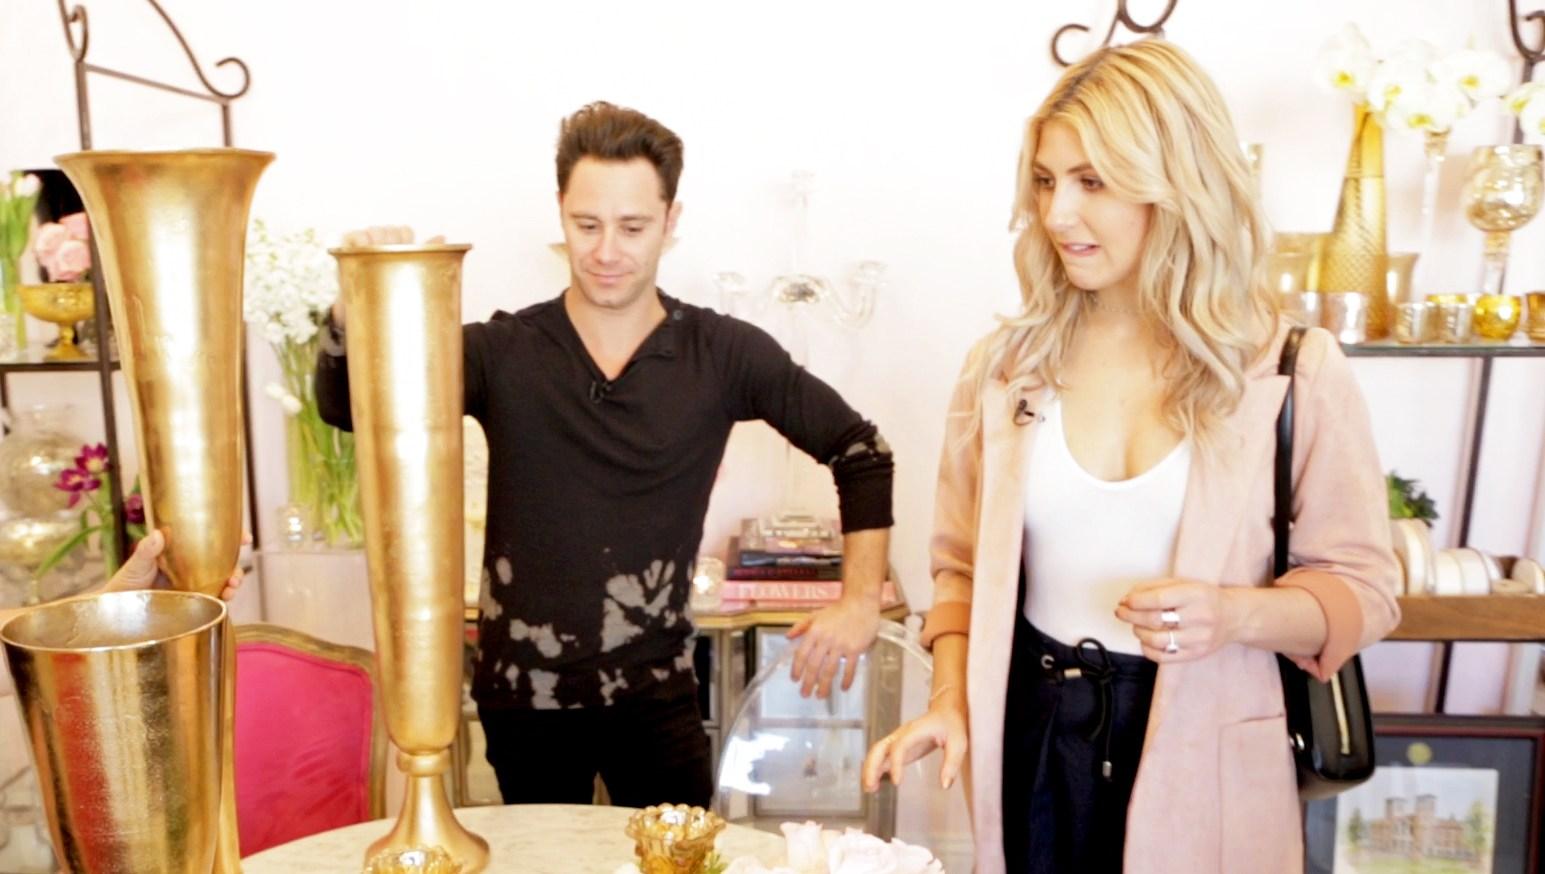 Sasha Farber and Emma Slater